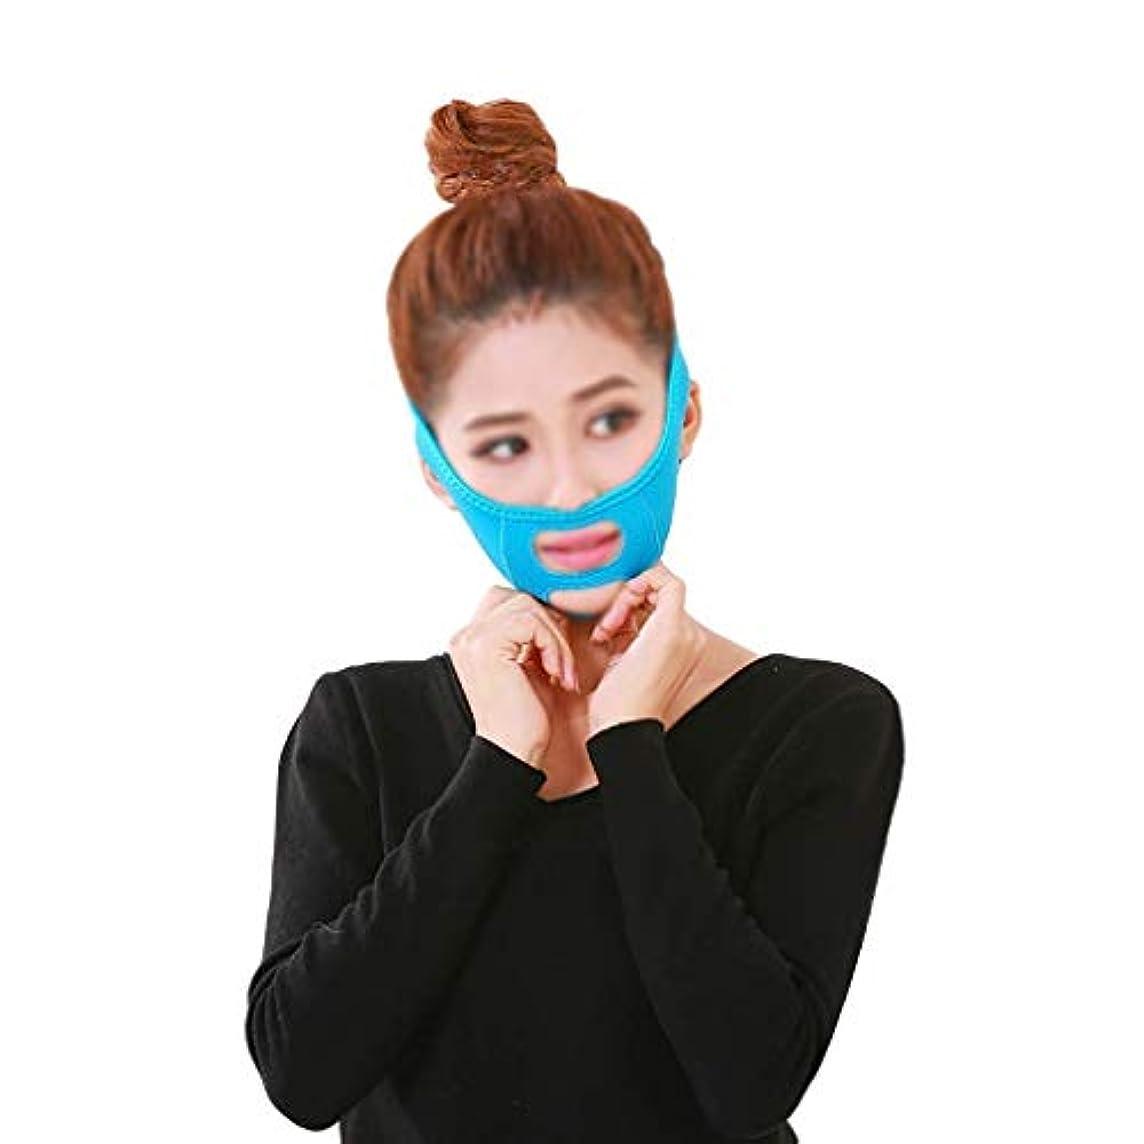 クライストチャーチちっちゃい群衆フェイスリフトフェイシャル、肌のリラクゼーションを防ぐためのタイトなVフェイスマスクVフェイスアーティファクトフェイスリフトバンデージフェイスケア(色:青)